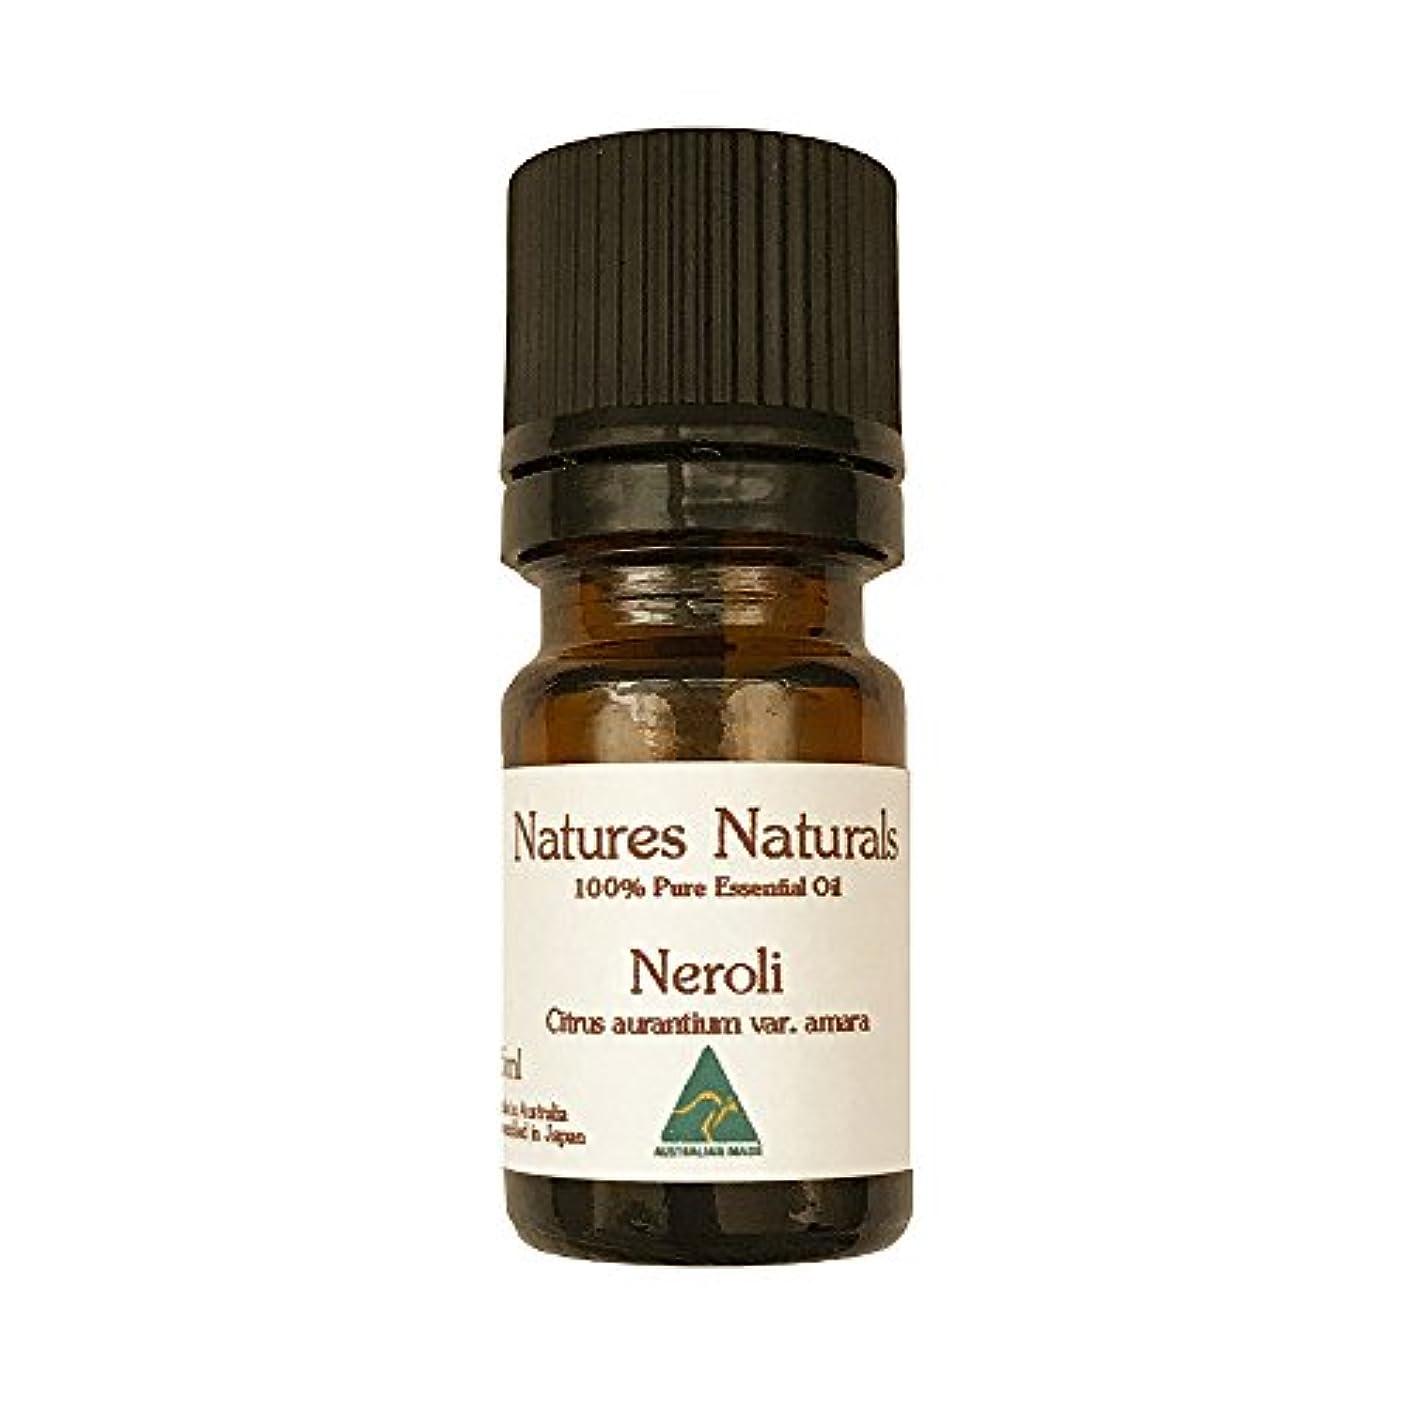 除外する剥離パーティションネロリ 100% 天然精油 エッセンシャルオイル 5ml イタリア産ネロリ pure neroli essential oil